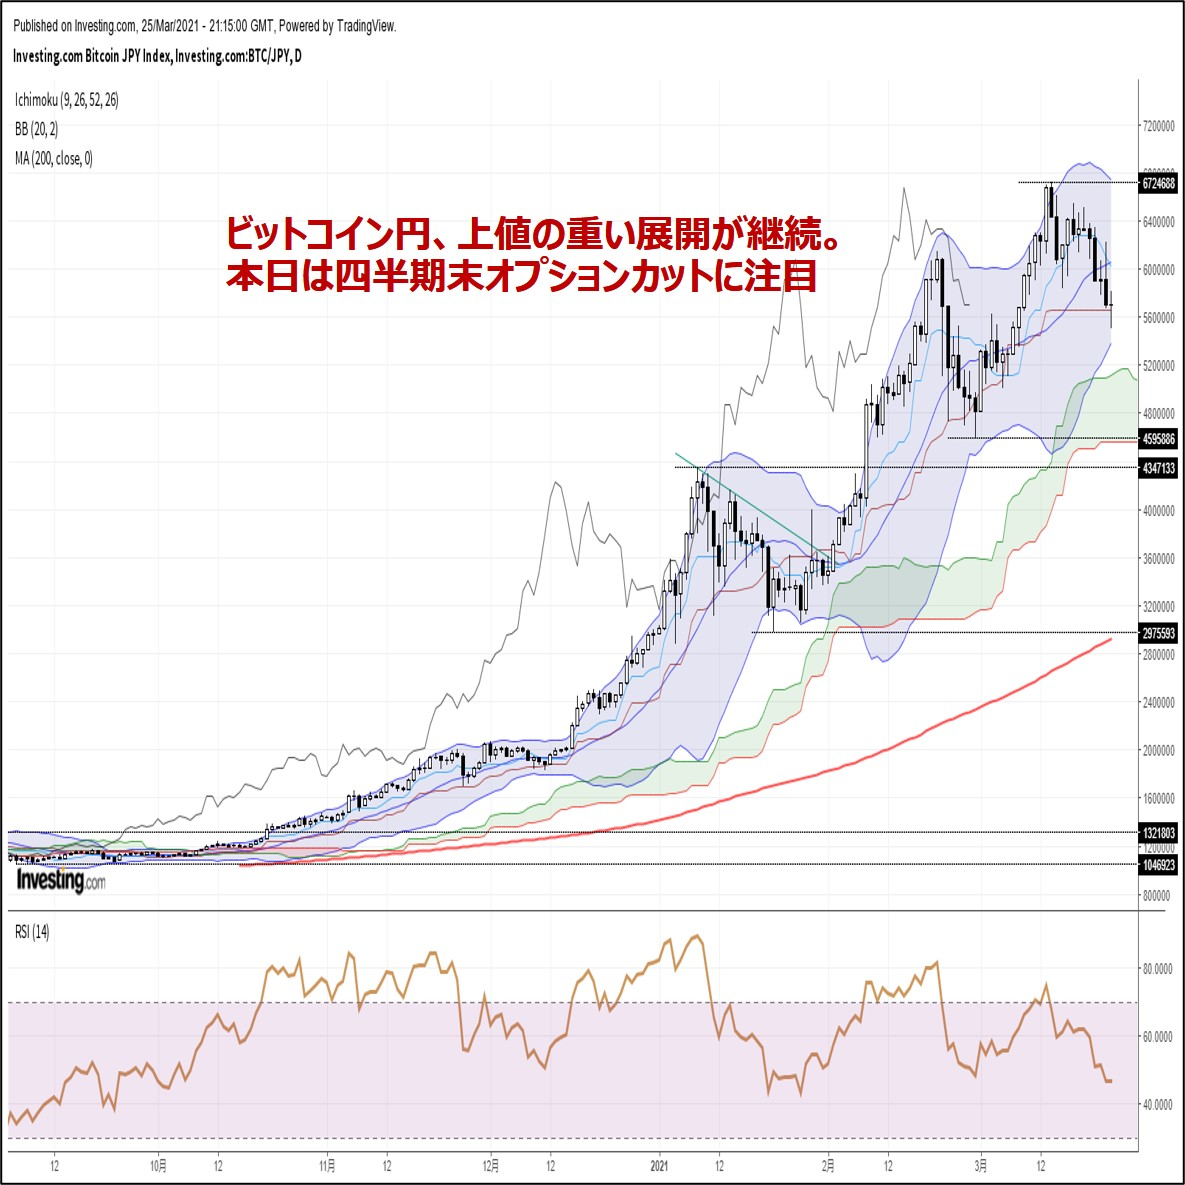 ビットコイン円、上値の重い展開が継続。本日は四半期末オプションカットに注目